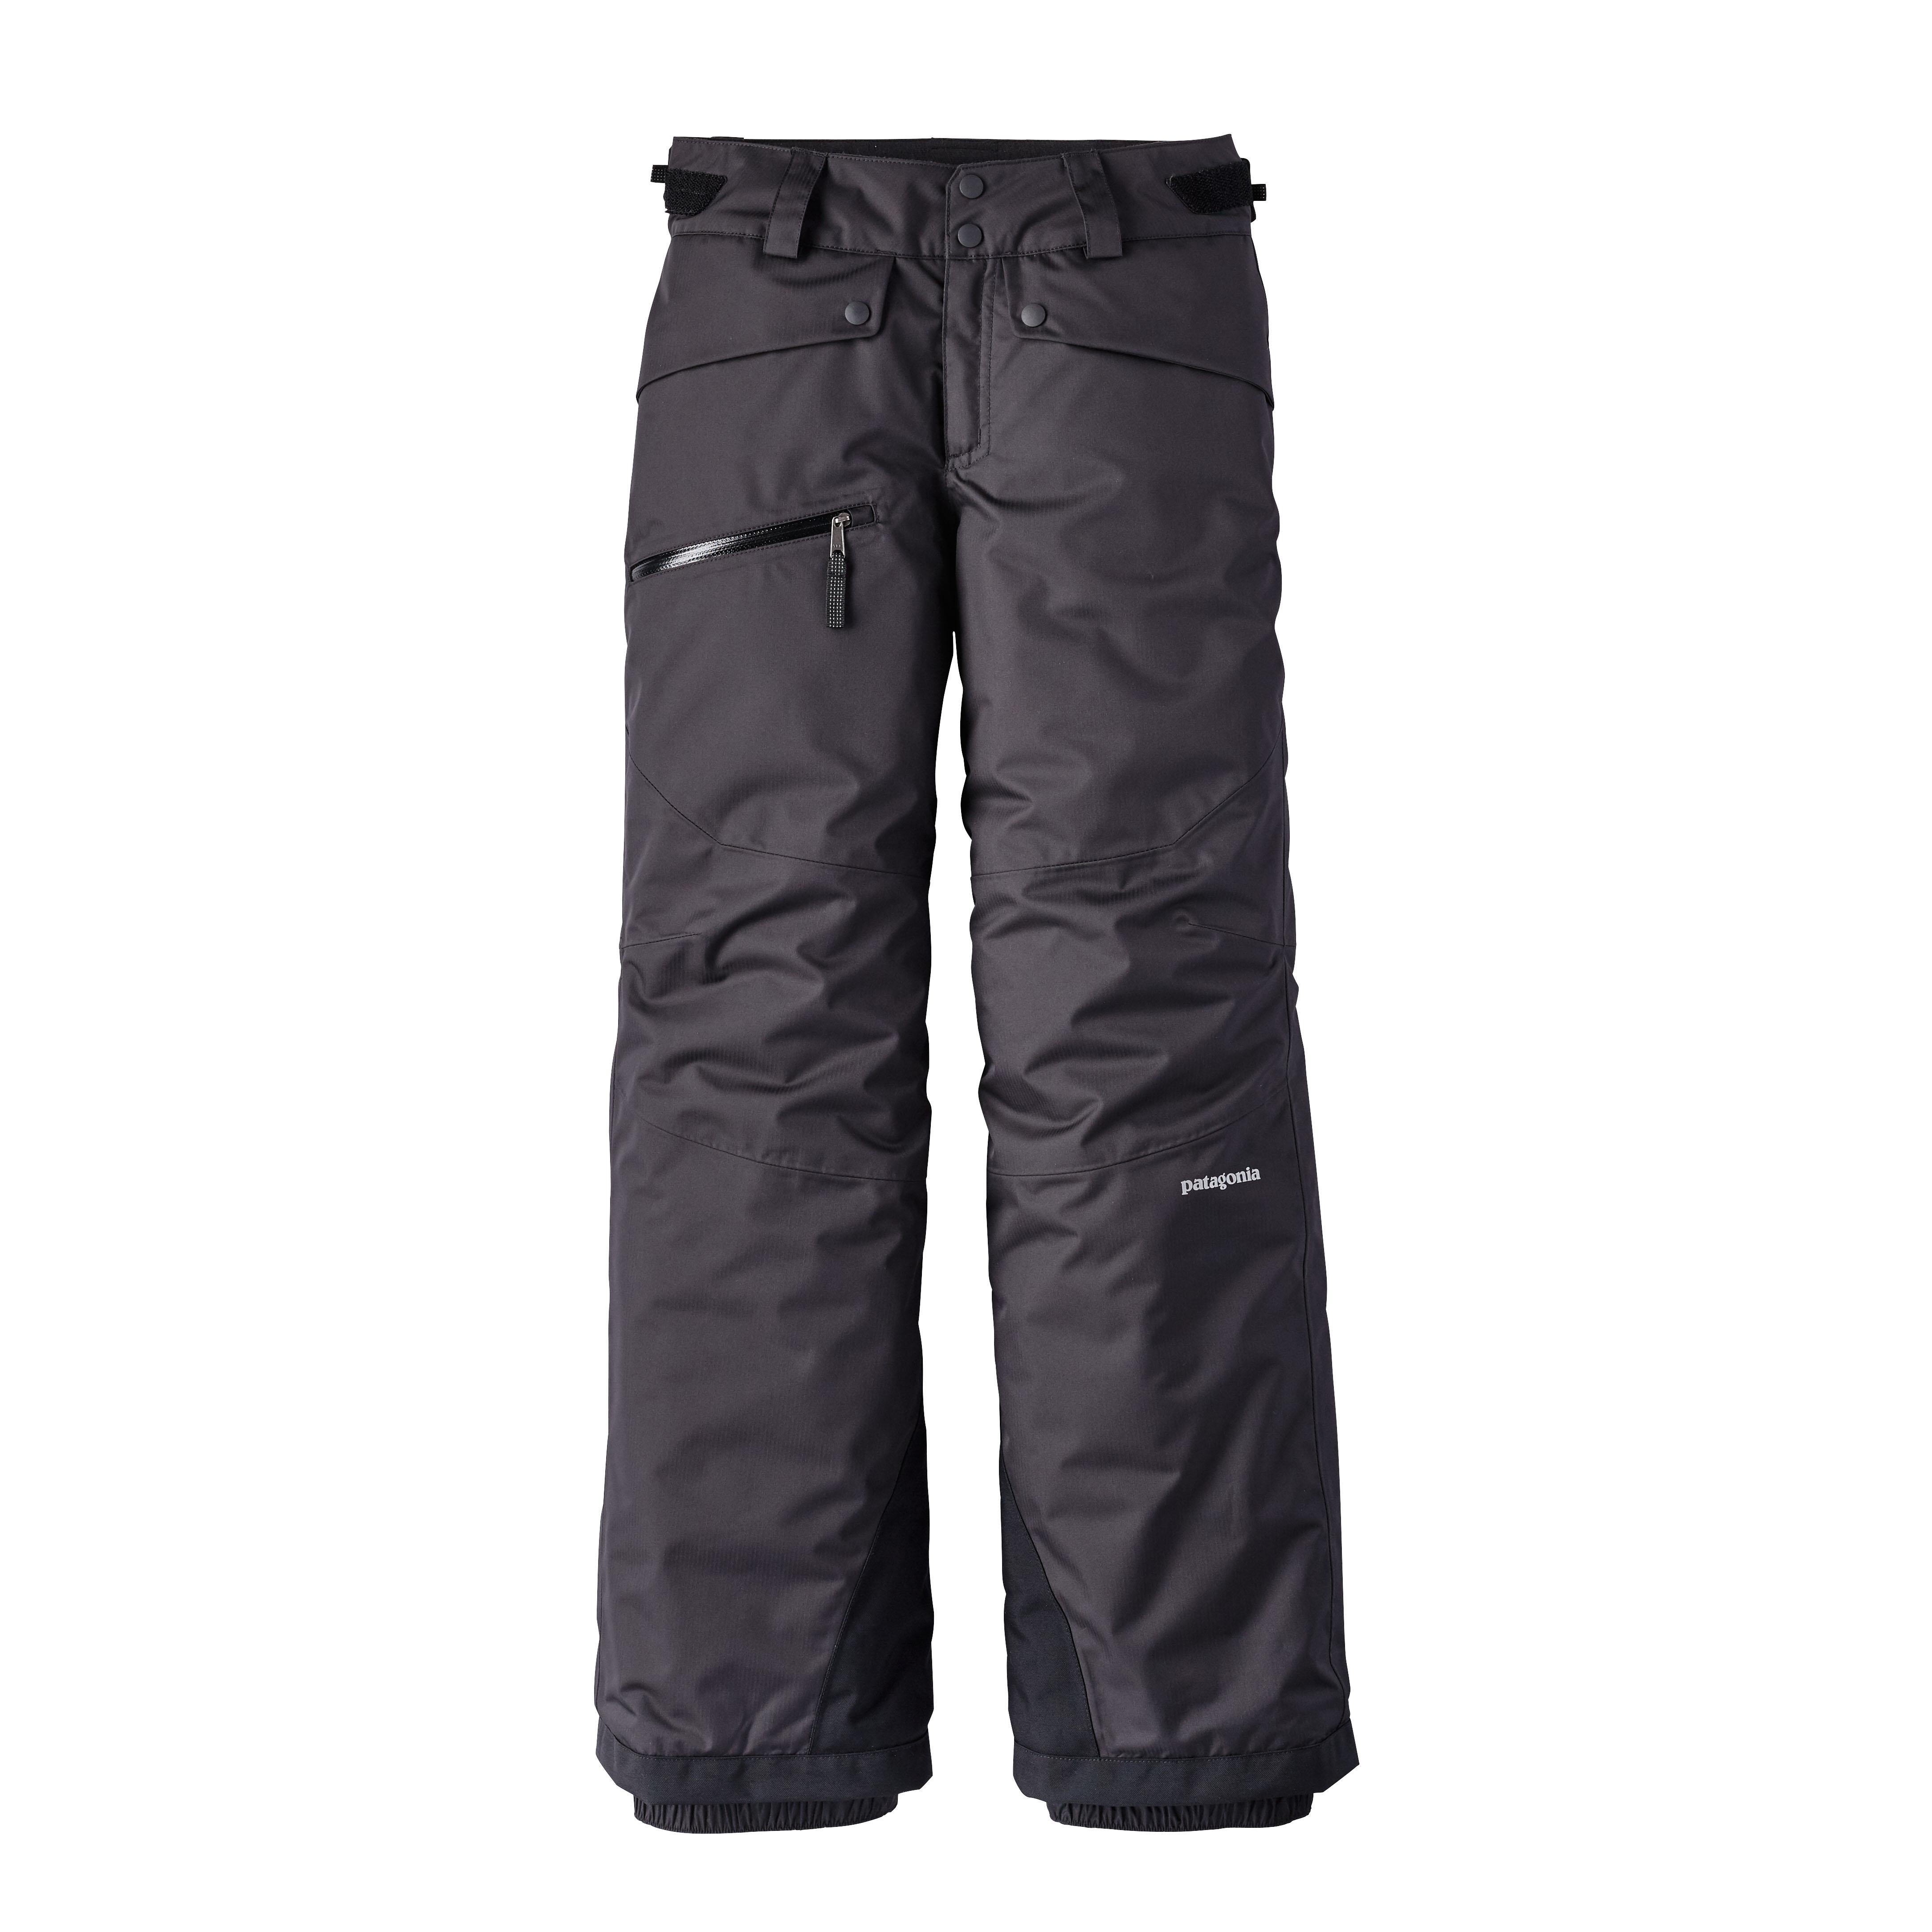 Patagonia - Girls' Snowbelle Pants - Ski trousers - Girls